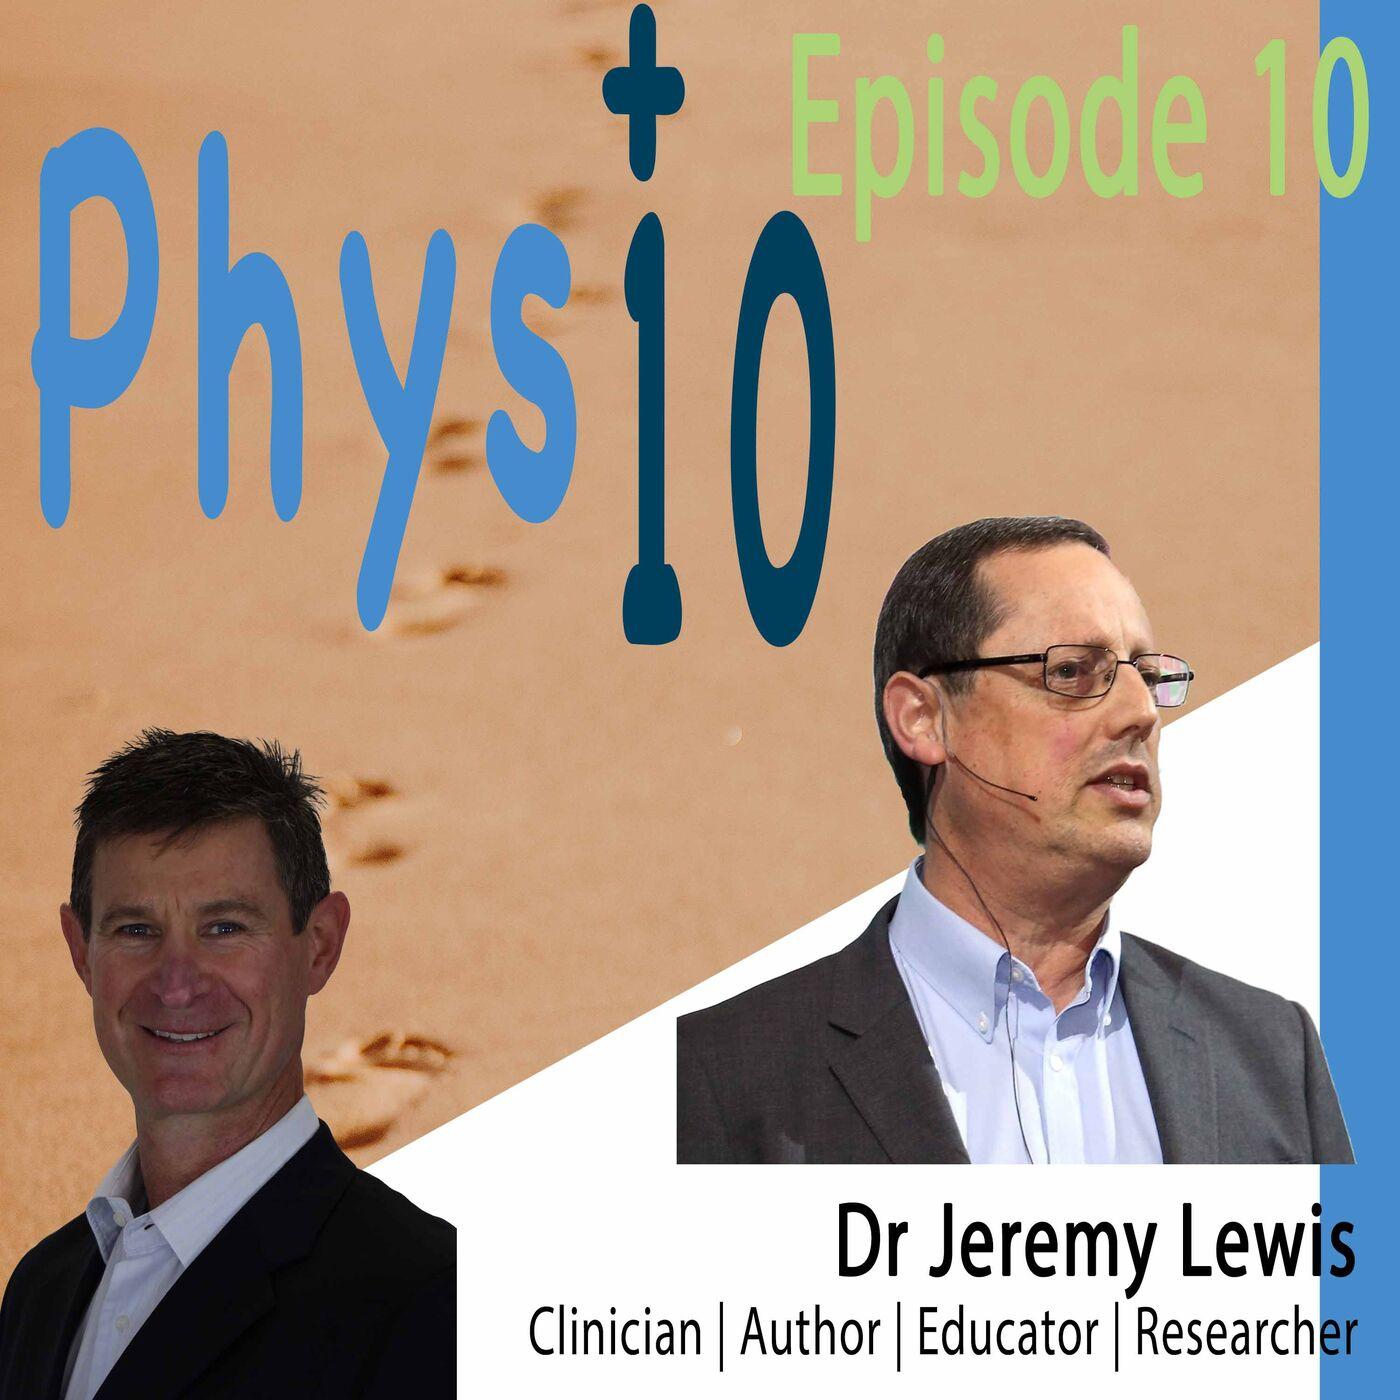 Dr Jeremy Lewis: Researcher | Clinician | Author | Educator